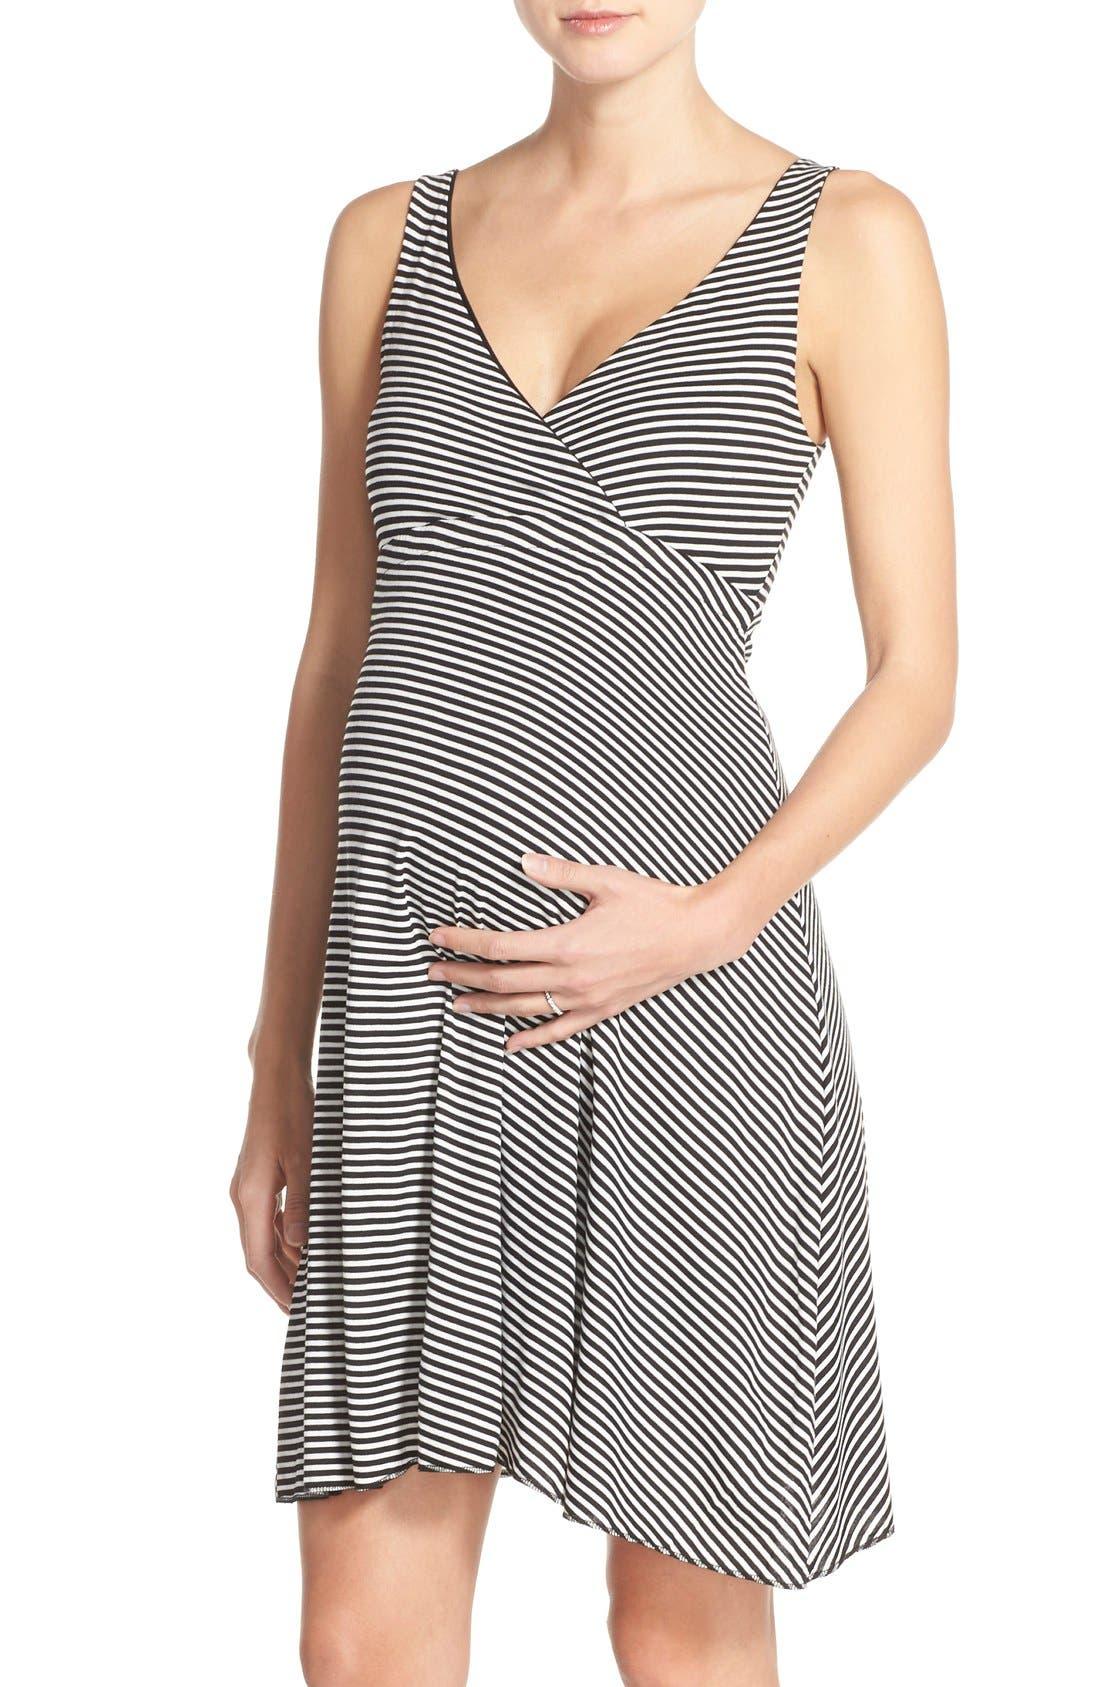 Reversible Nursing Dress,                             Main thumbnail 1, color,                             Black Stripe